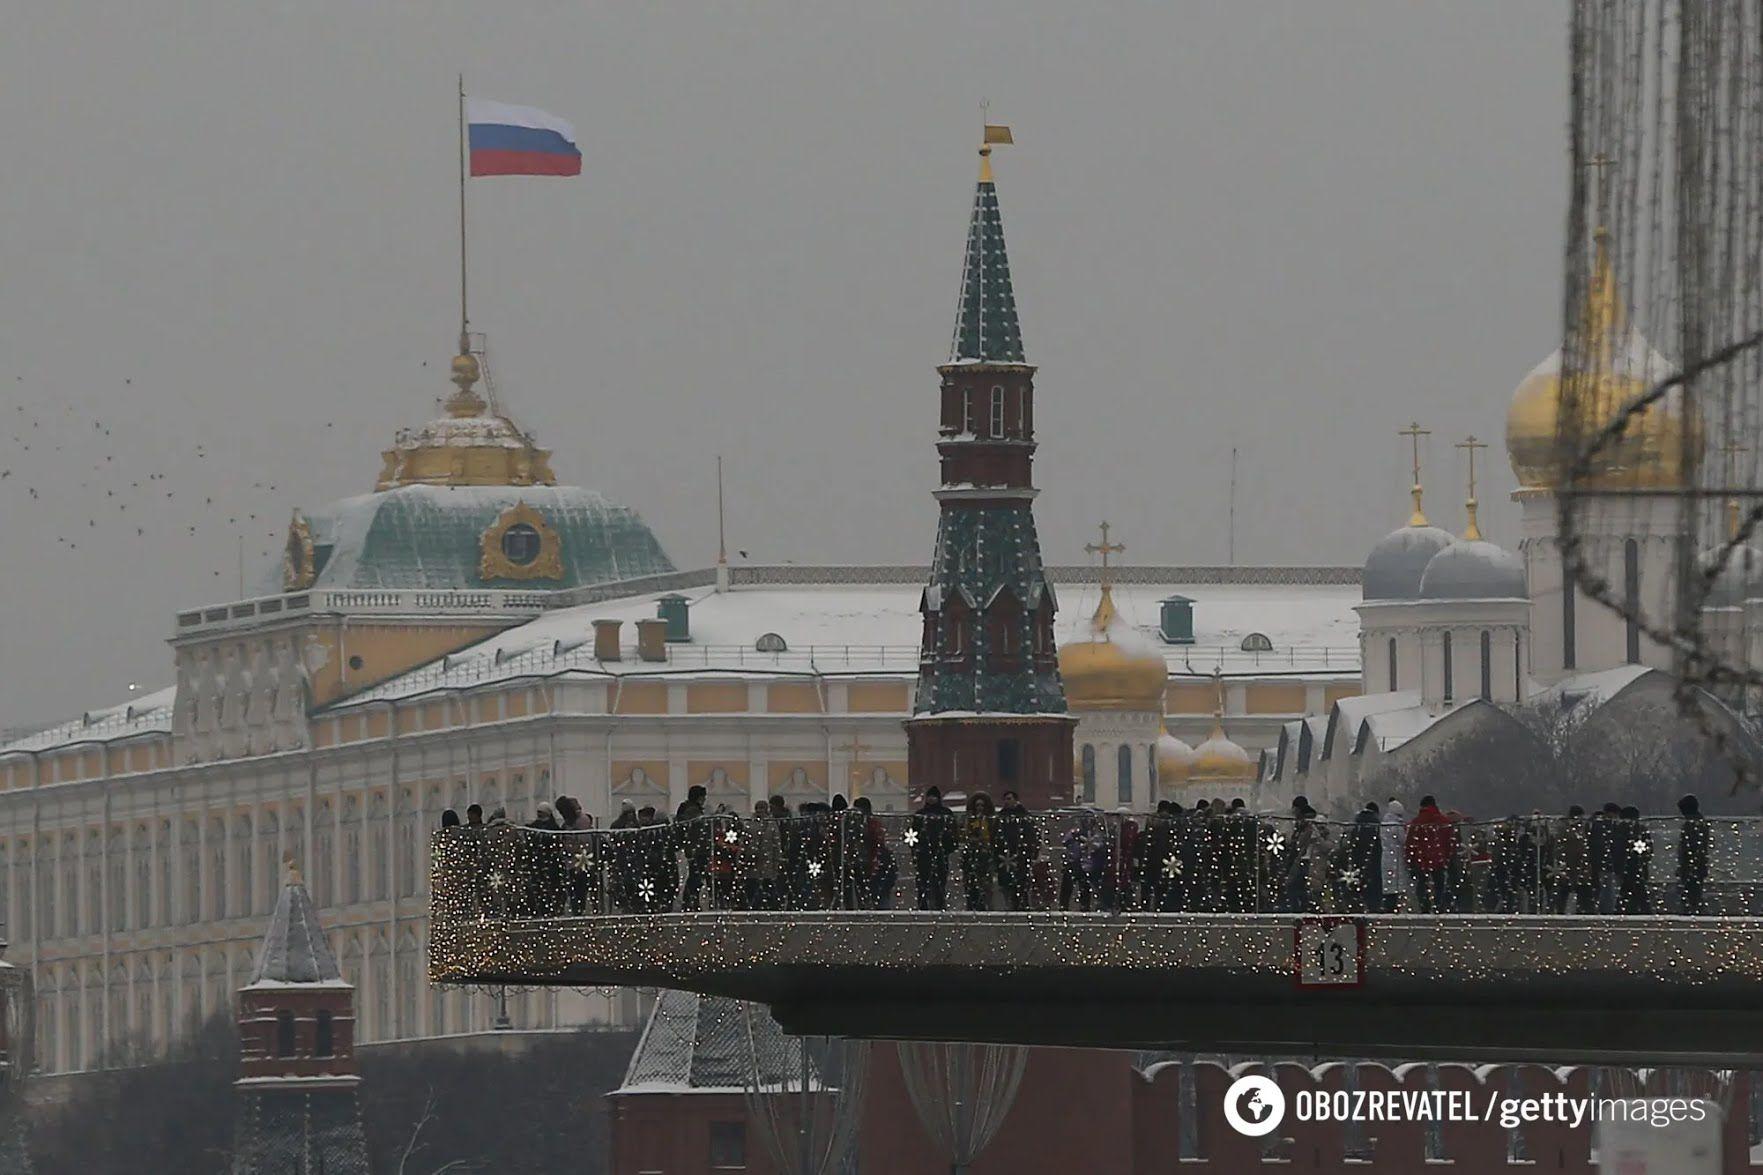 Российский журналист Константин Эггерт считает, что в России политический вес чиновника определяется его государственной должностью